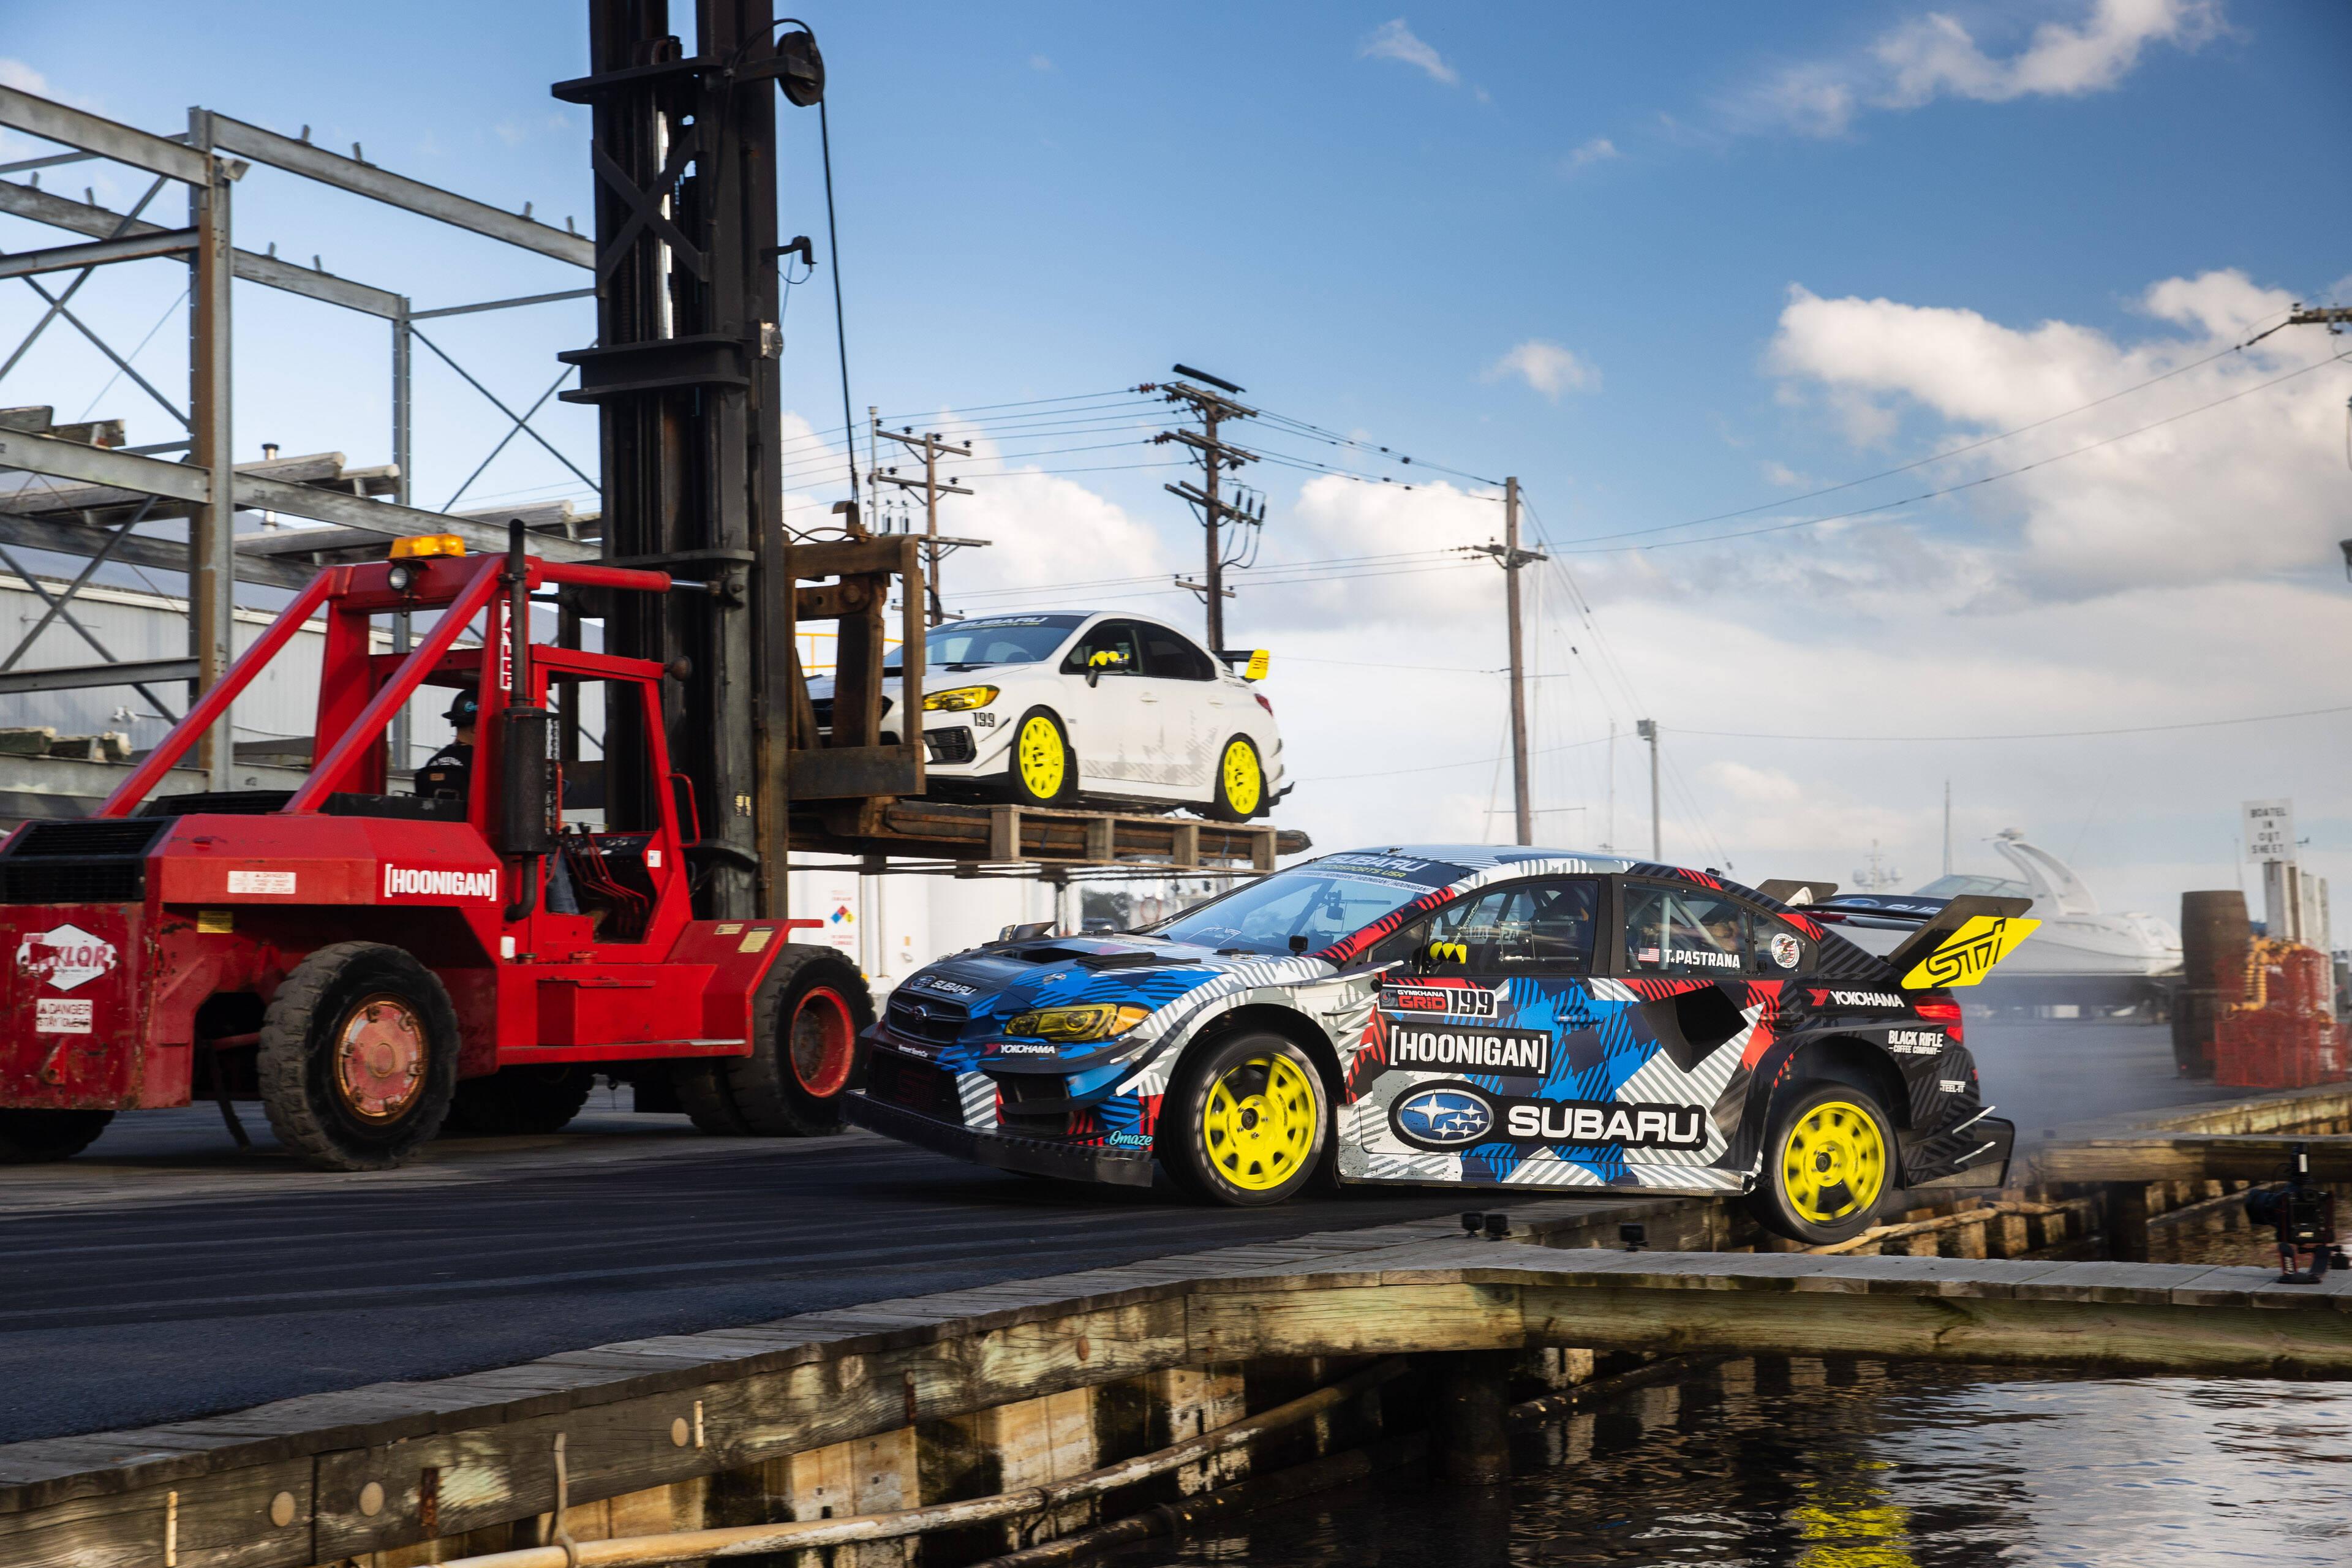 Subaru WRX STI no vídeo Gymkhana 2020. Foto: Divulgação